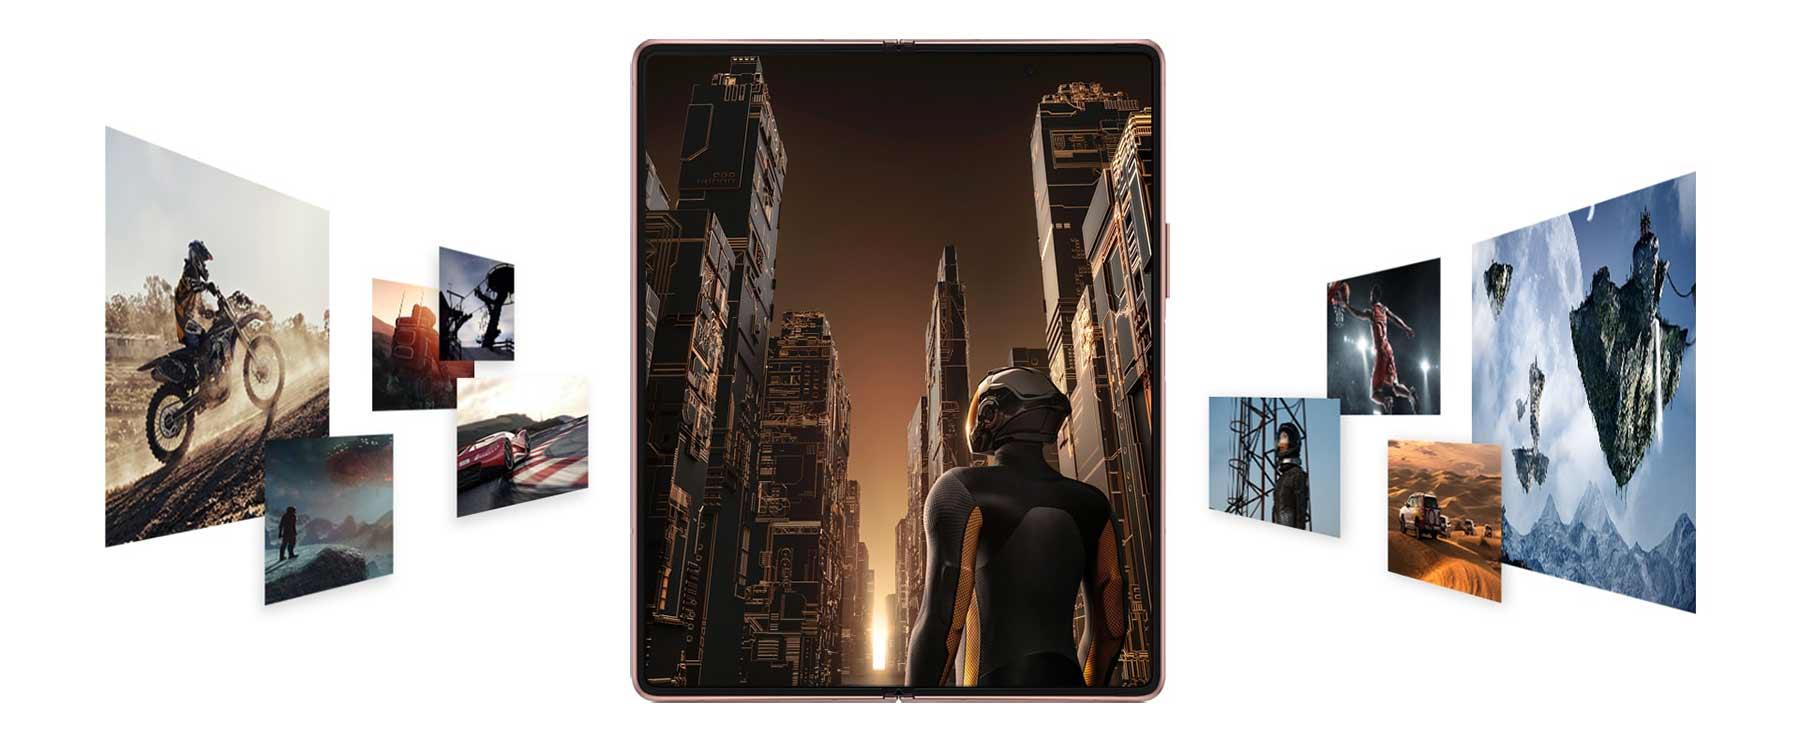 ویژگی گیمینگ در گوشی سامسونگ Galaxy Z Fold2 5G